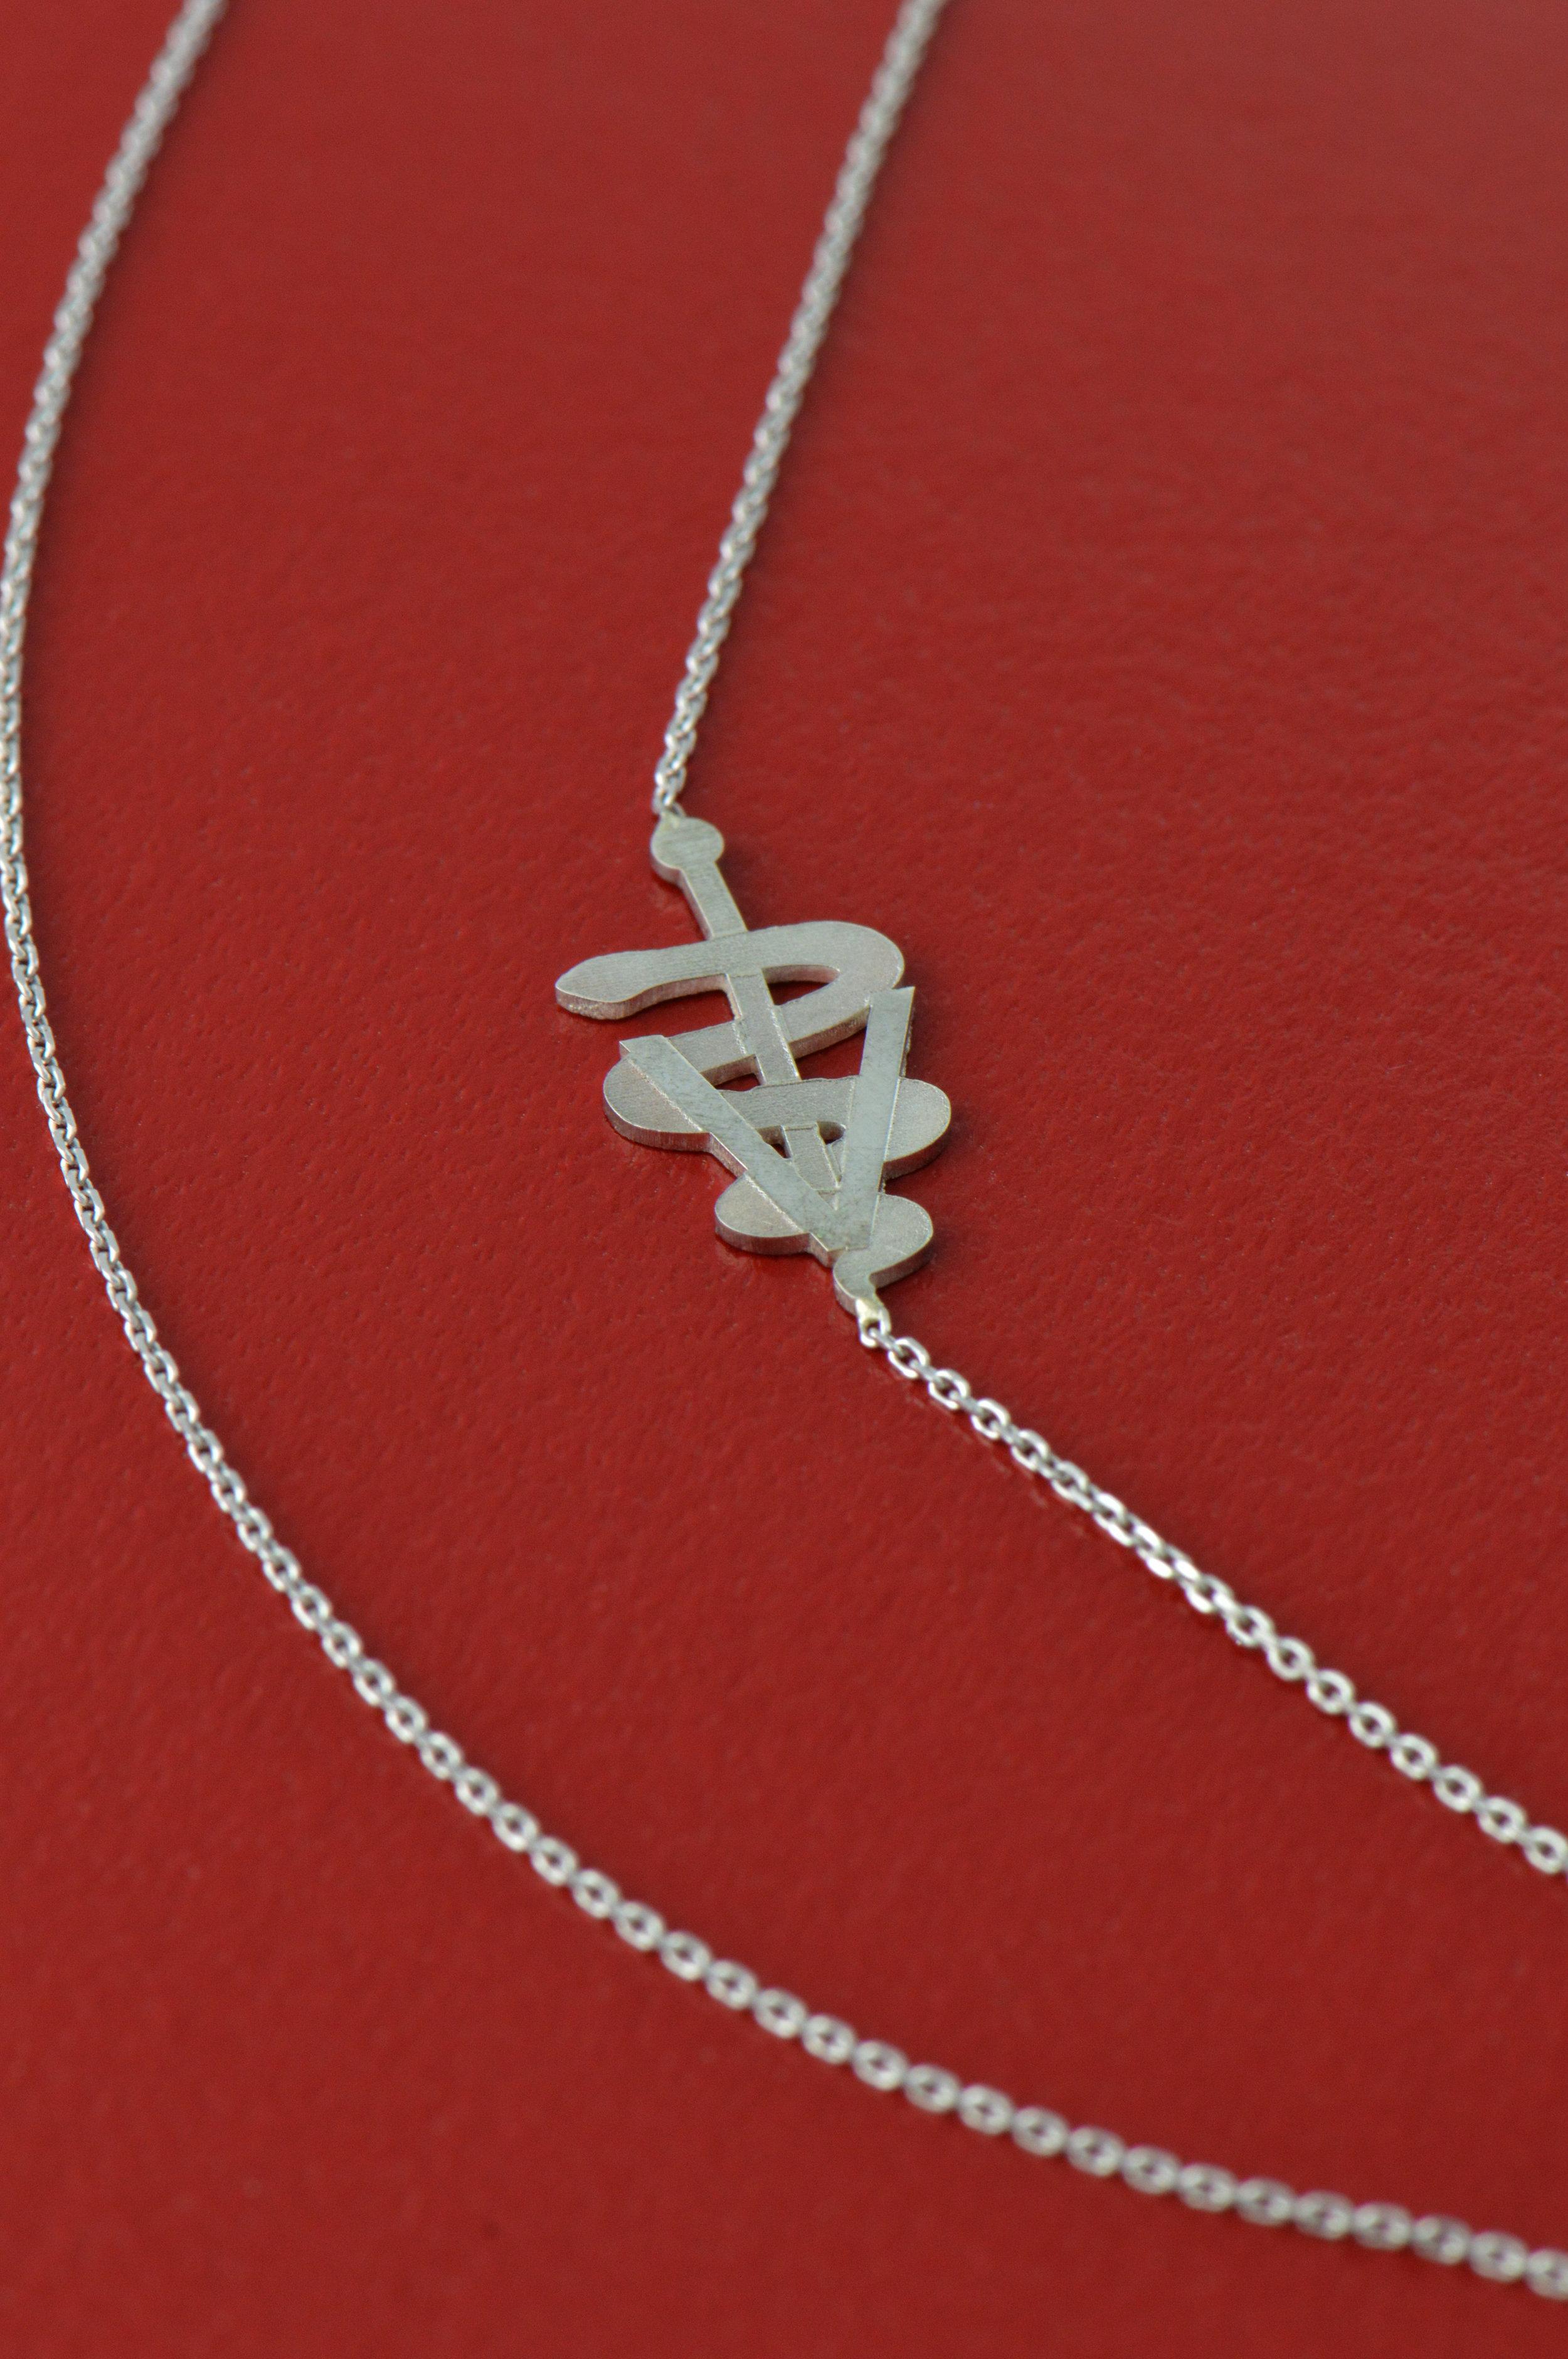 darvier-veterinarian-graduation-gift-necklace.jpg